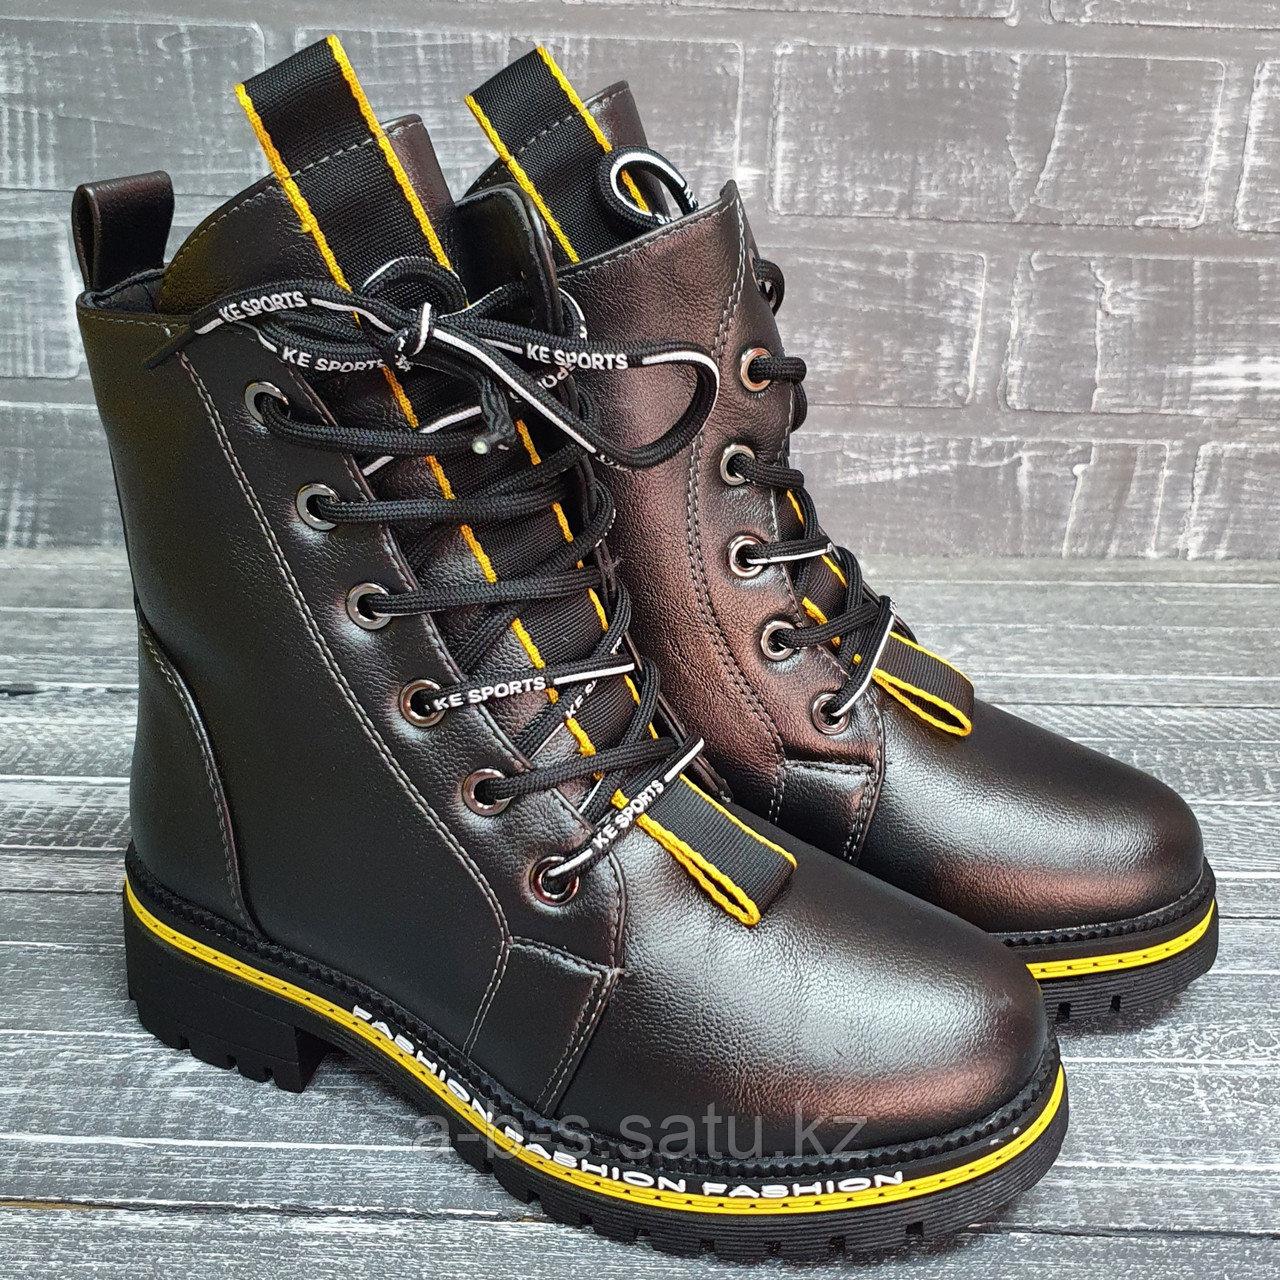 Зимние ботинки ( дев. графит) с желтыми элентами